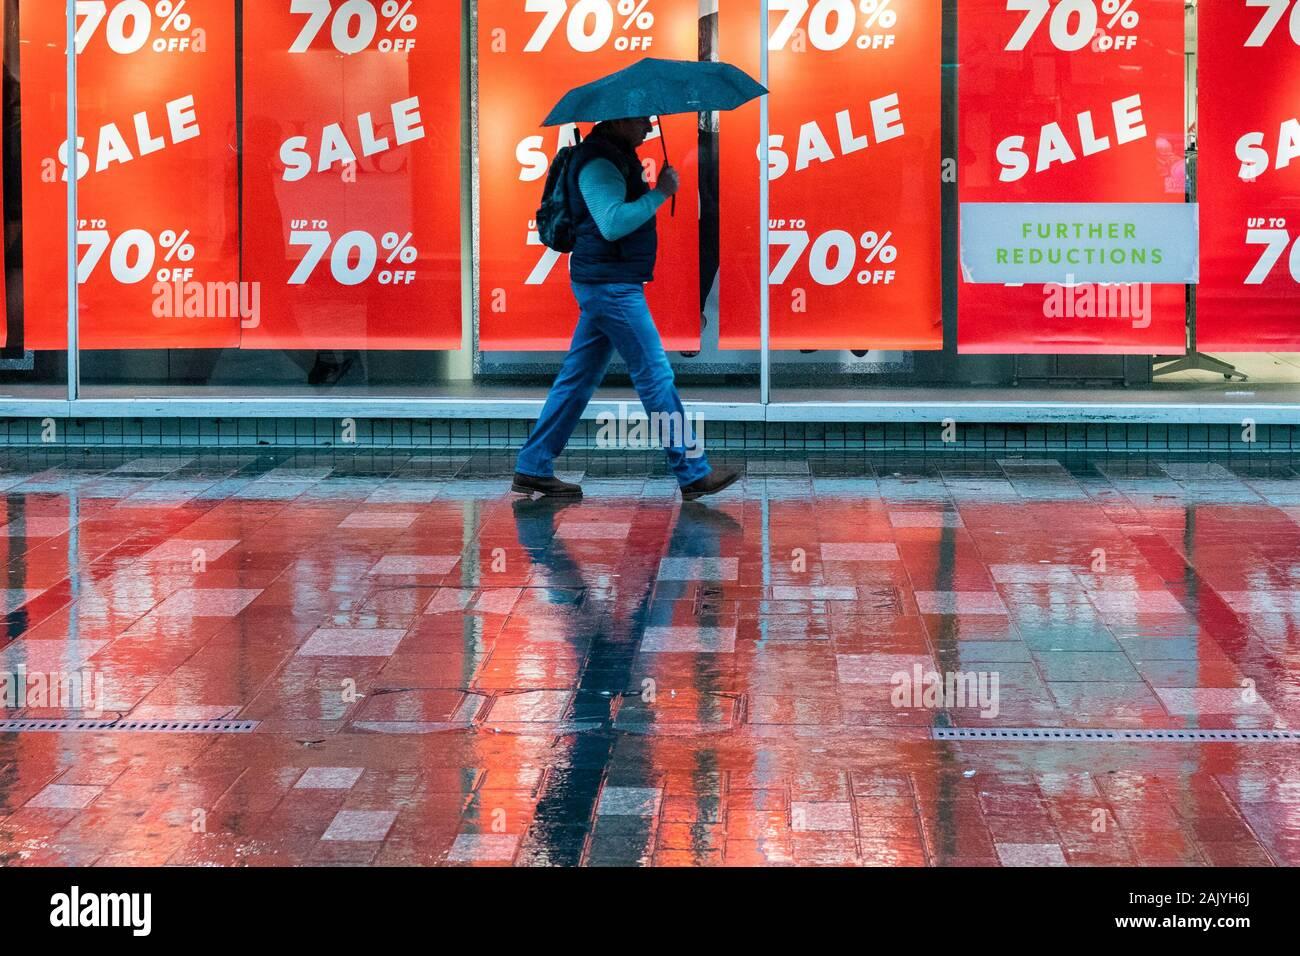 Der Umsatz im Januar auf uk High Street an regnerischen Tag - Stirling, Schottland, Großbritannien Stockfoto